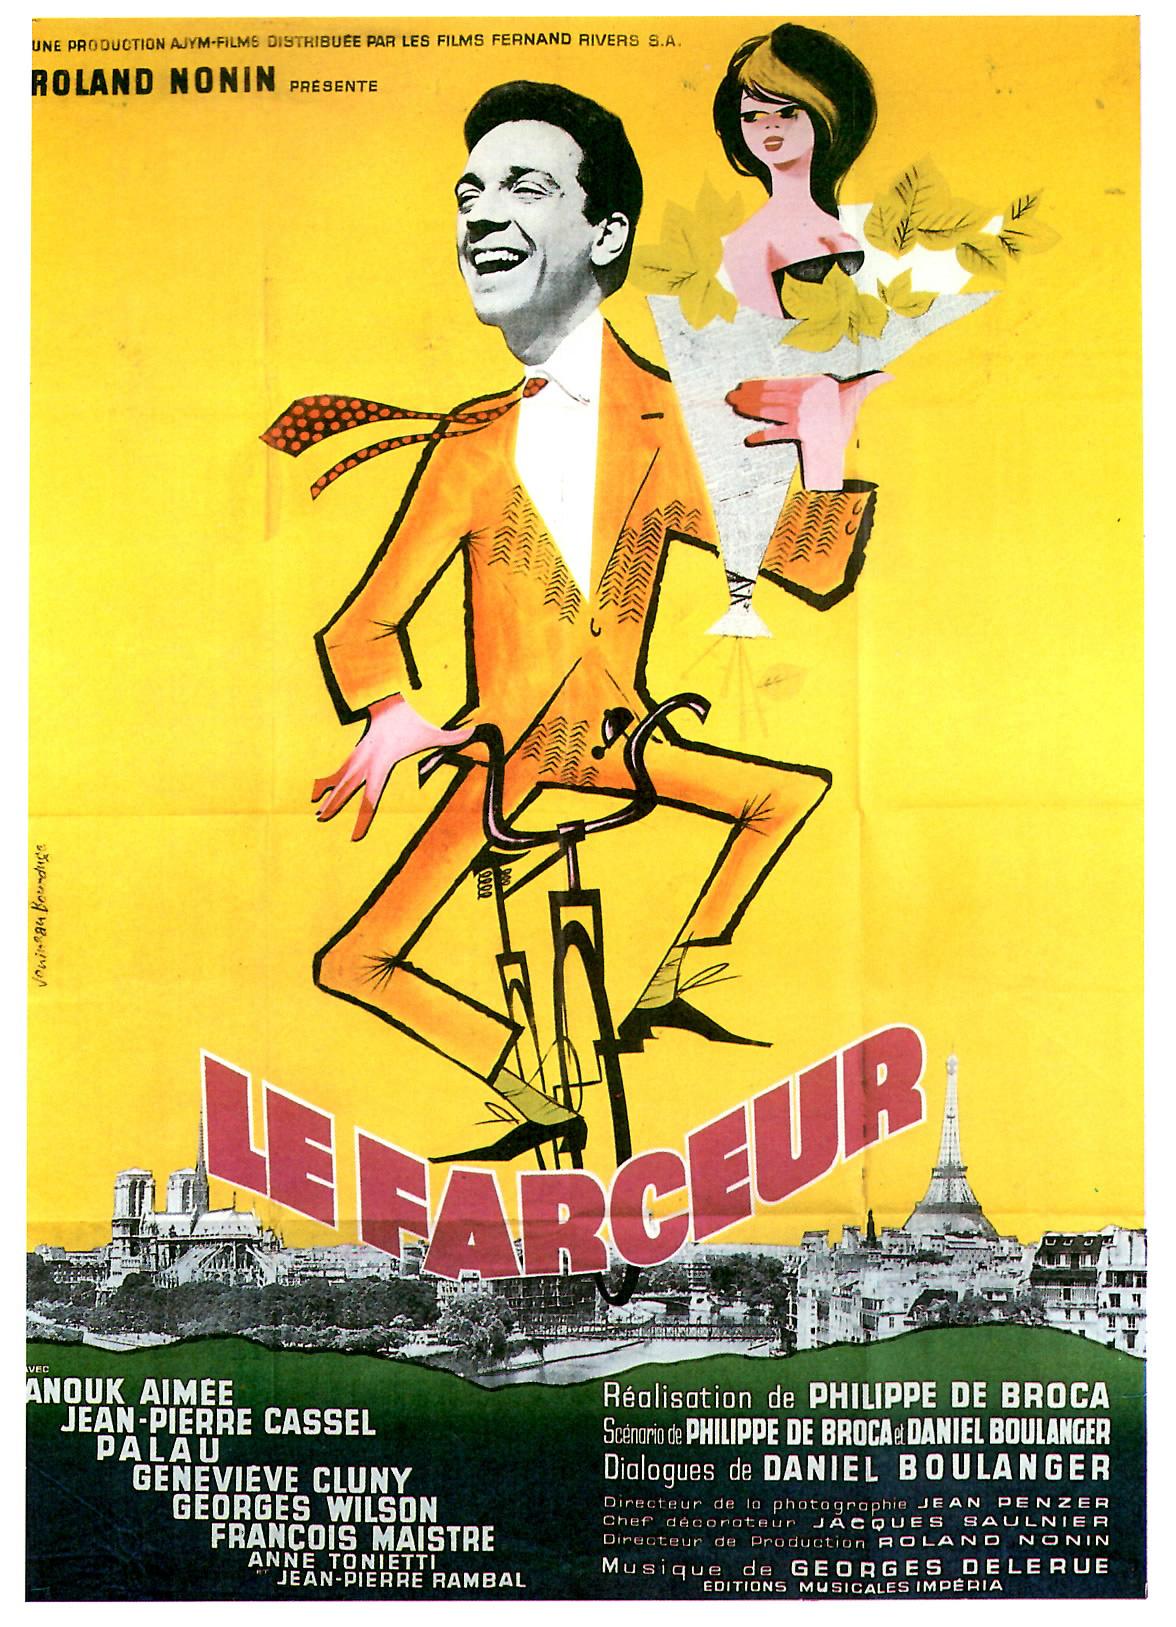 Affiche du film Le Farceur de Philippe de Broca